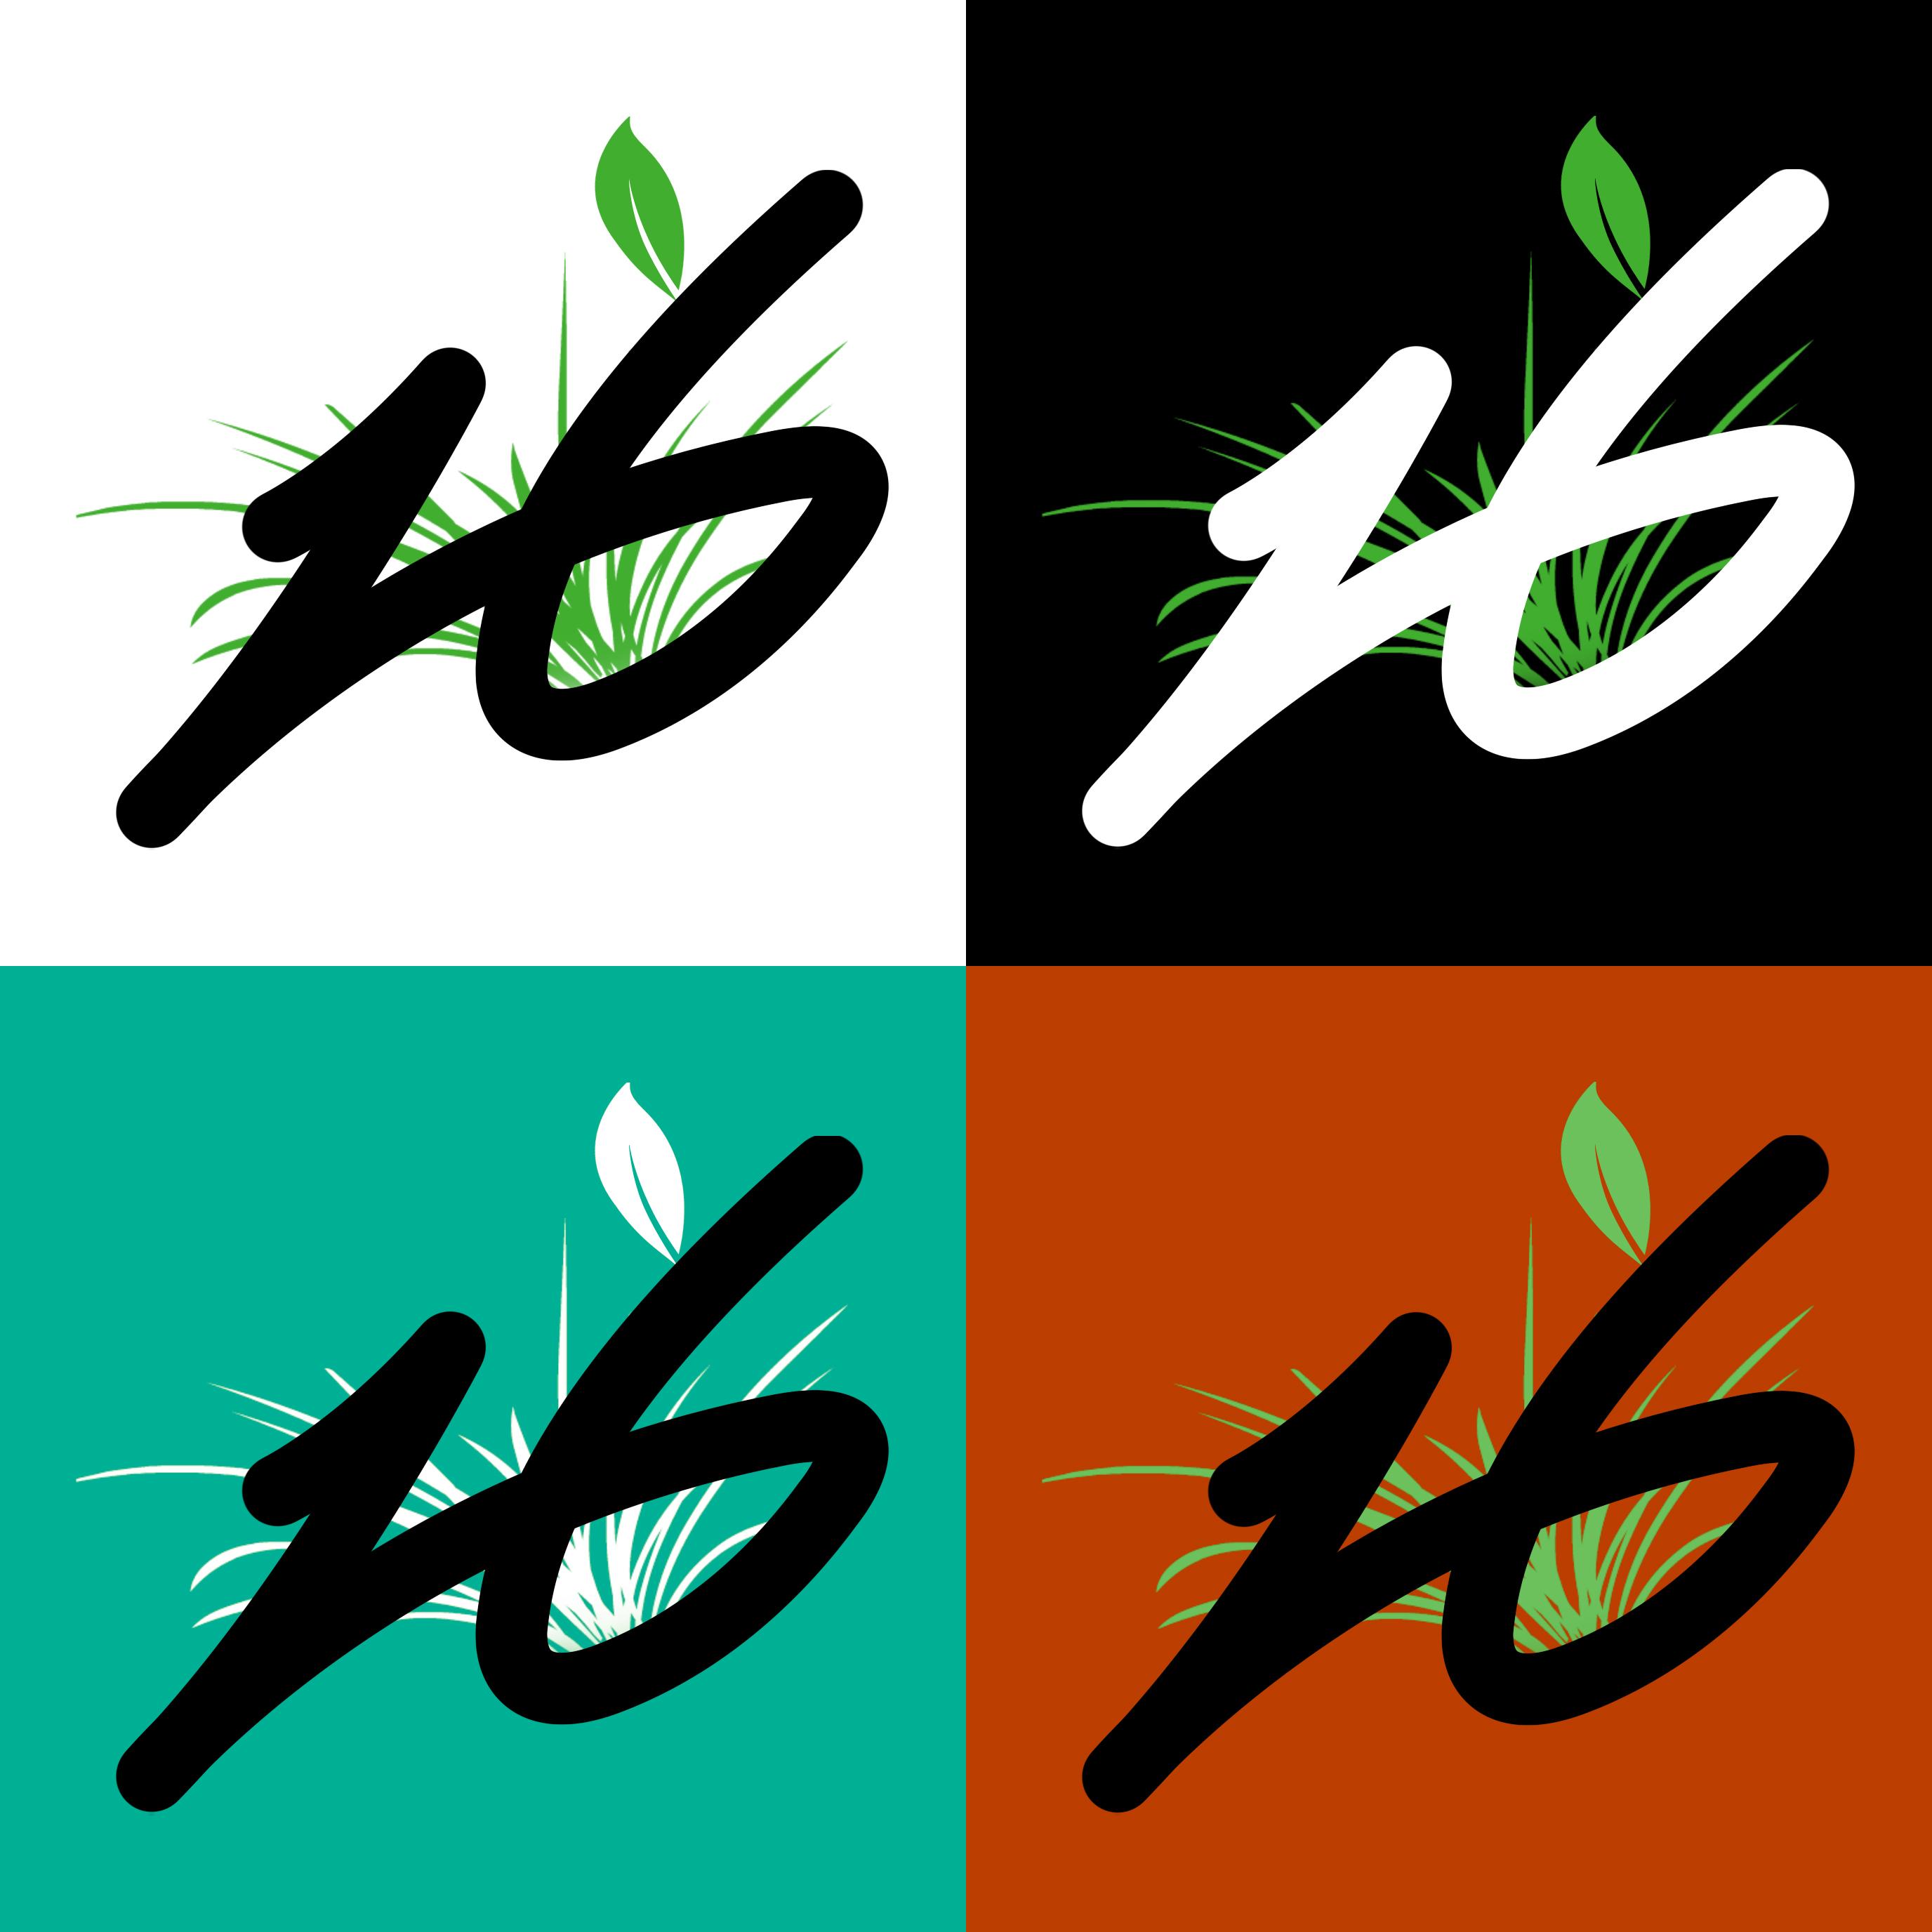 Разработка Логотипа. Победитель получит расширеный заказ  фото f_9465c3645cc9363f.jpg